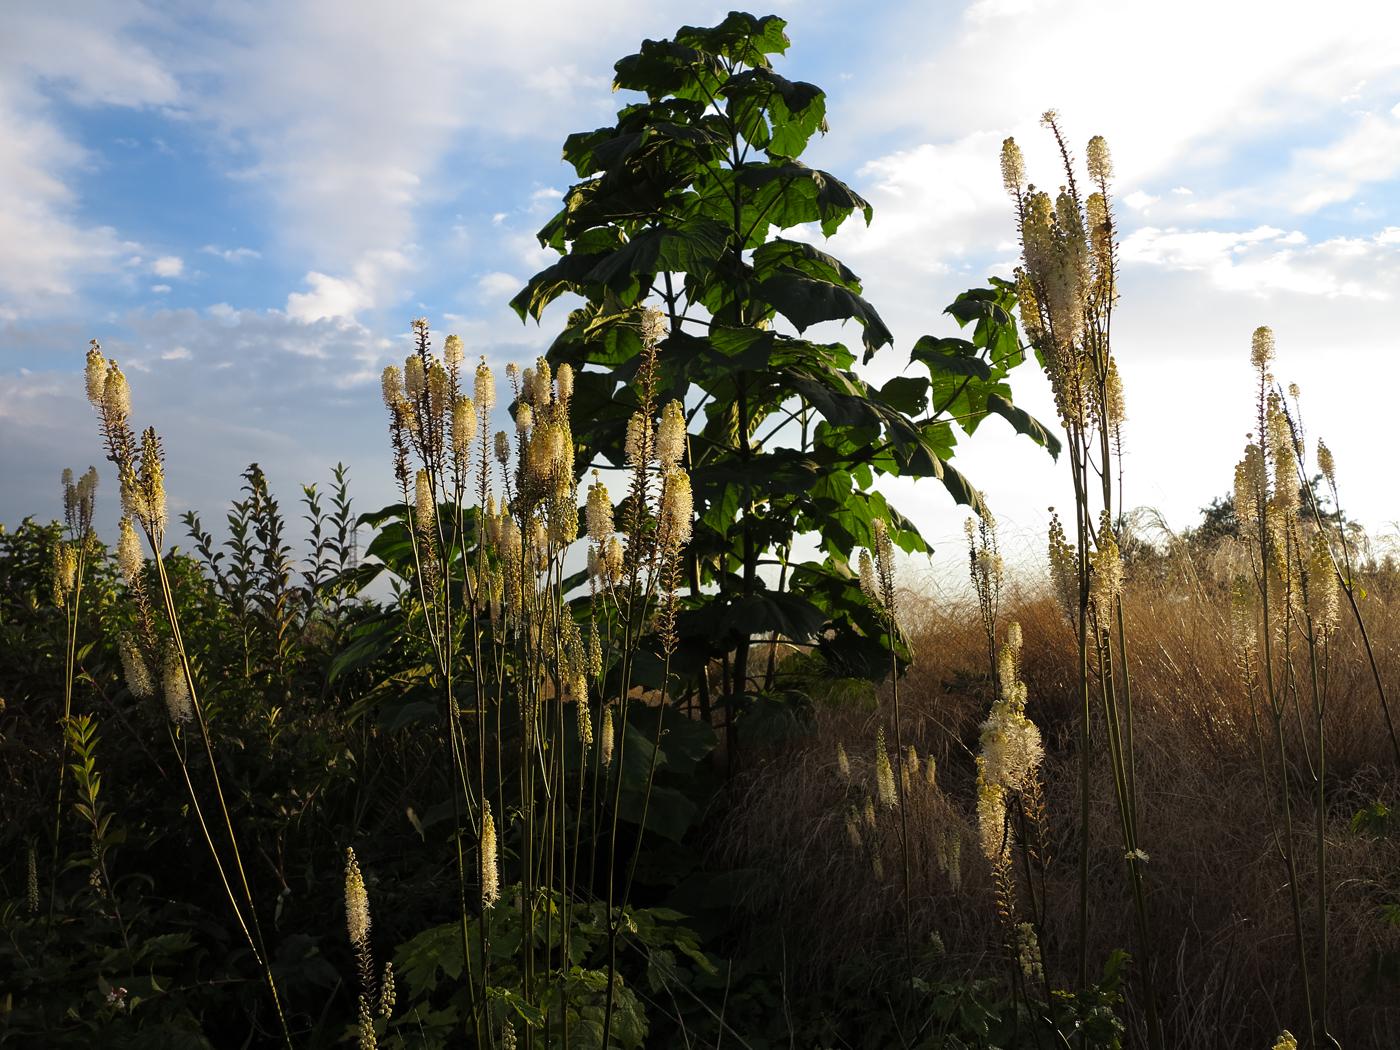 Paulownia tomentosa 'Hulsdonk'